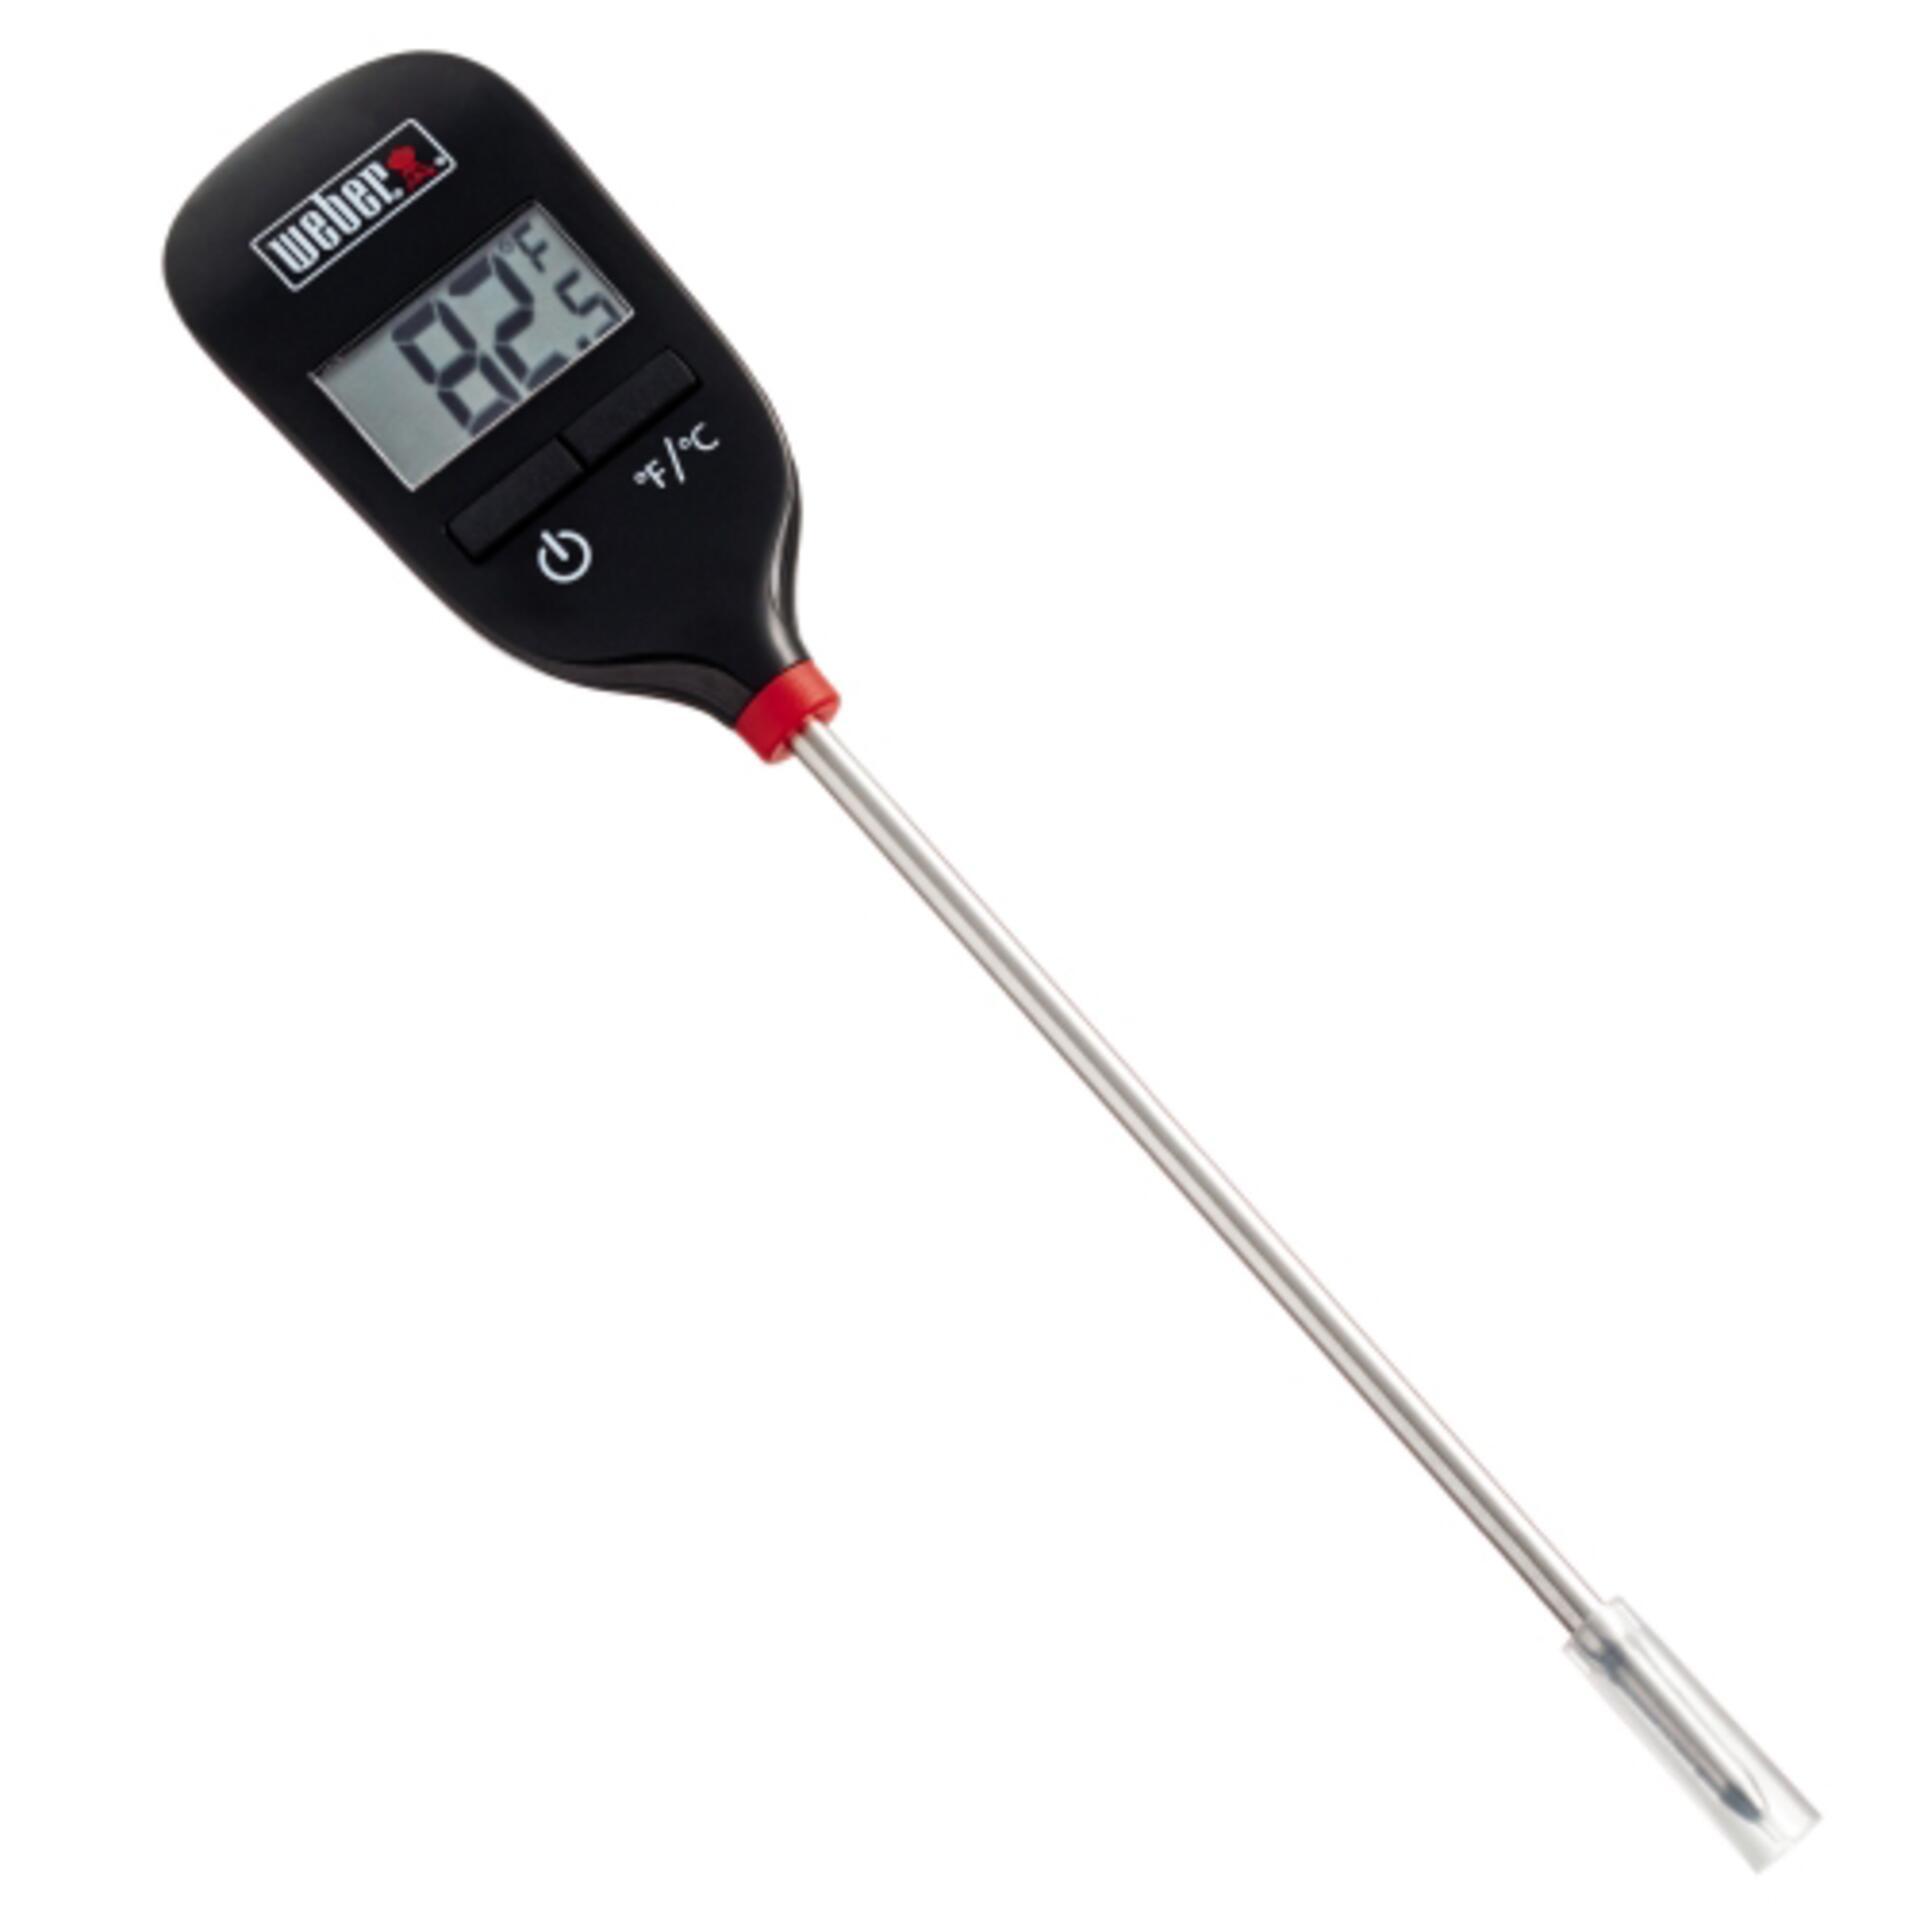 Weber Digital-Taschenthermometer 6750